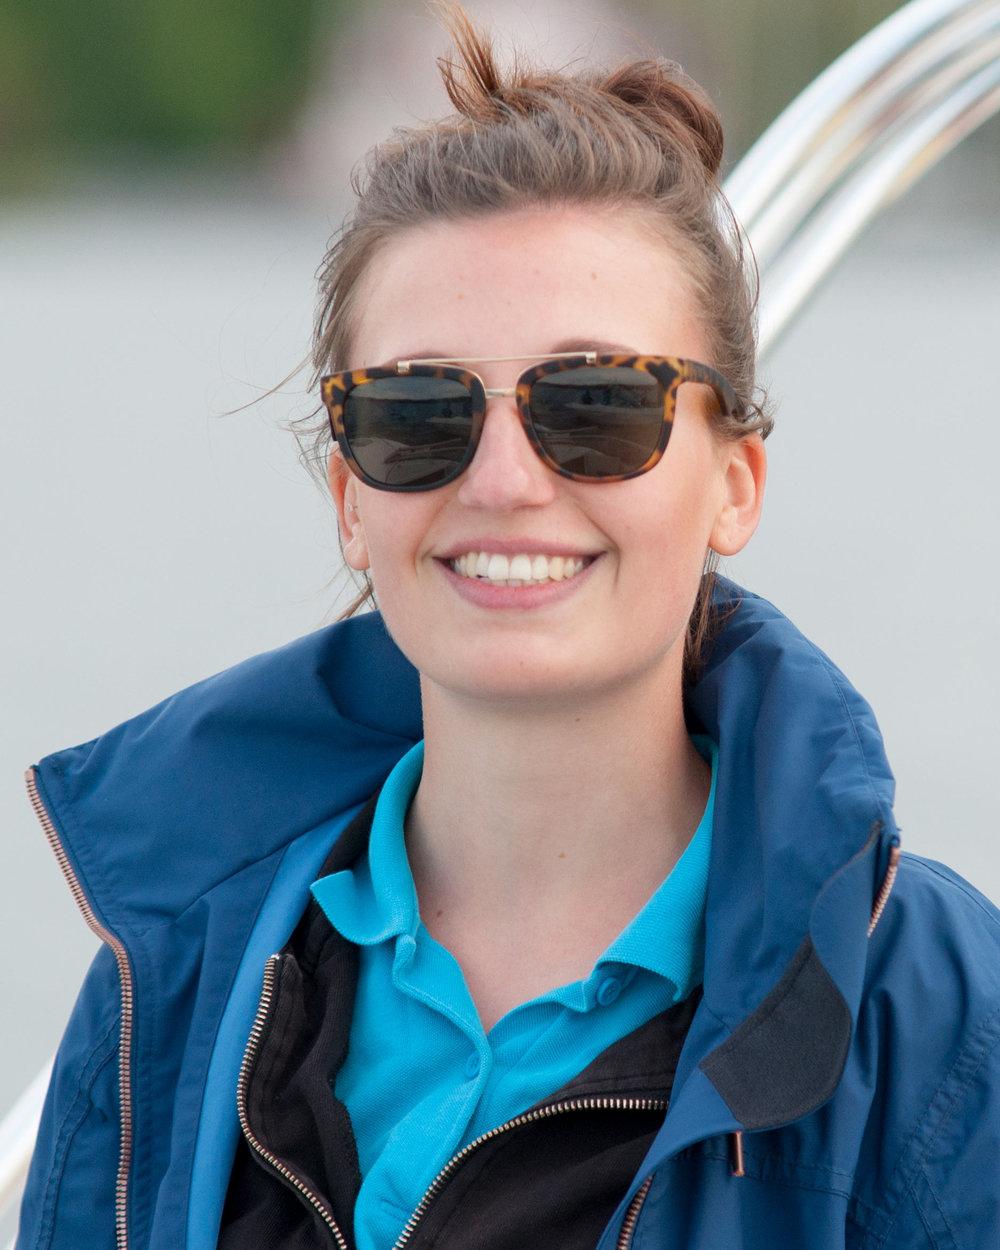 Clara - Seit 2014 bei der Wilden Flotte. Anfangs vorwiegend für die Kinder auf den Optis zuständig, hat sie sich immer mehr Tätigkeitsfelder erarbeitet. Heute ist sie vom Chartergeschäft über Segel- und Motorbootkurse universell einsetzbar. Studiert BWL in Konstanz.